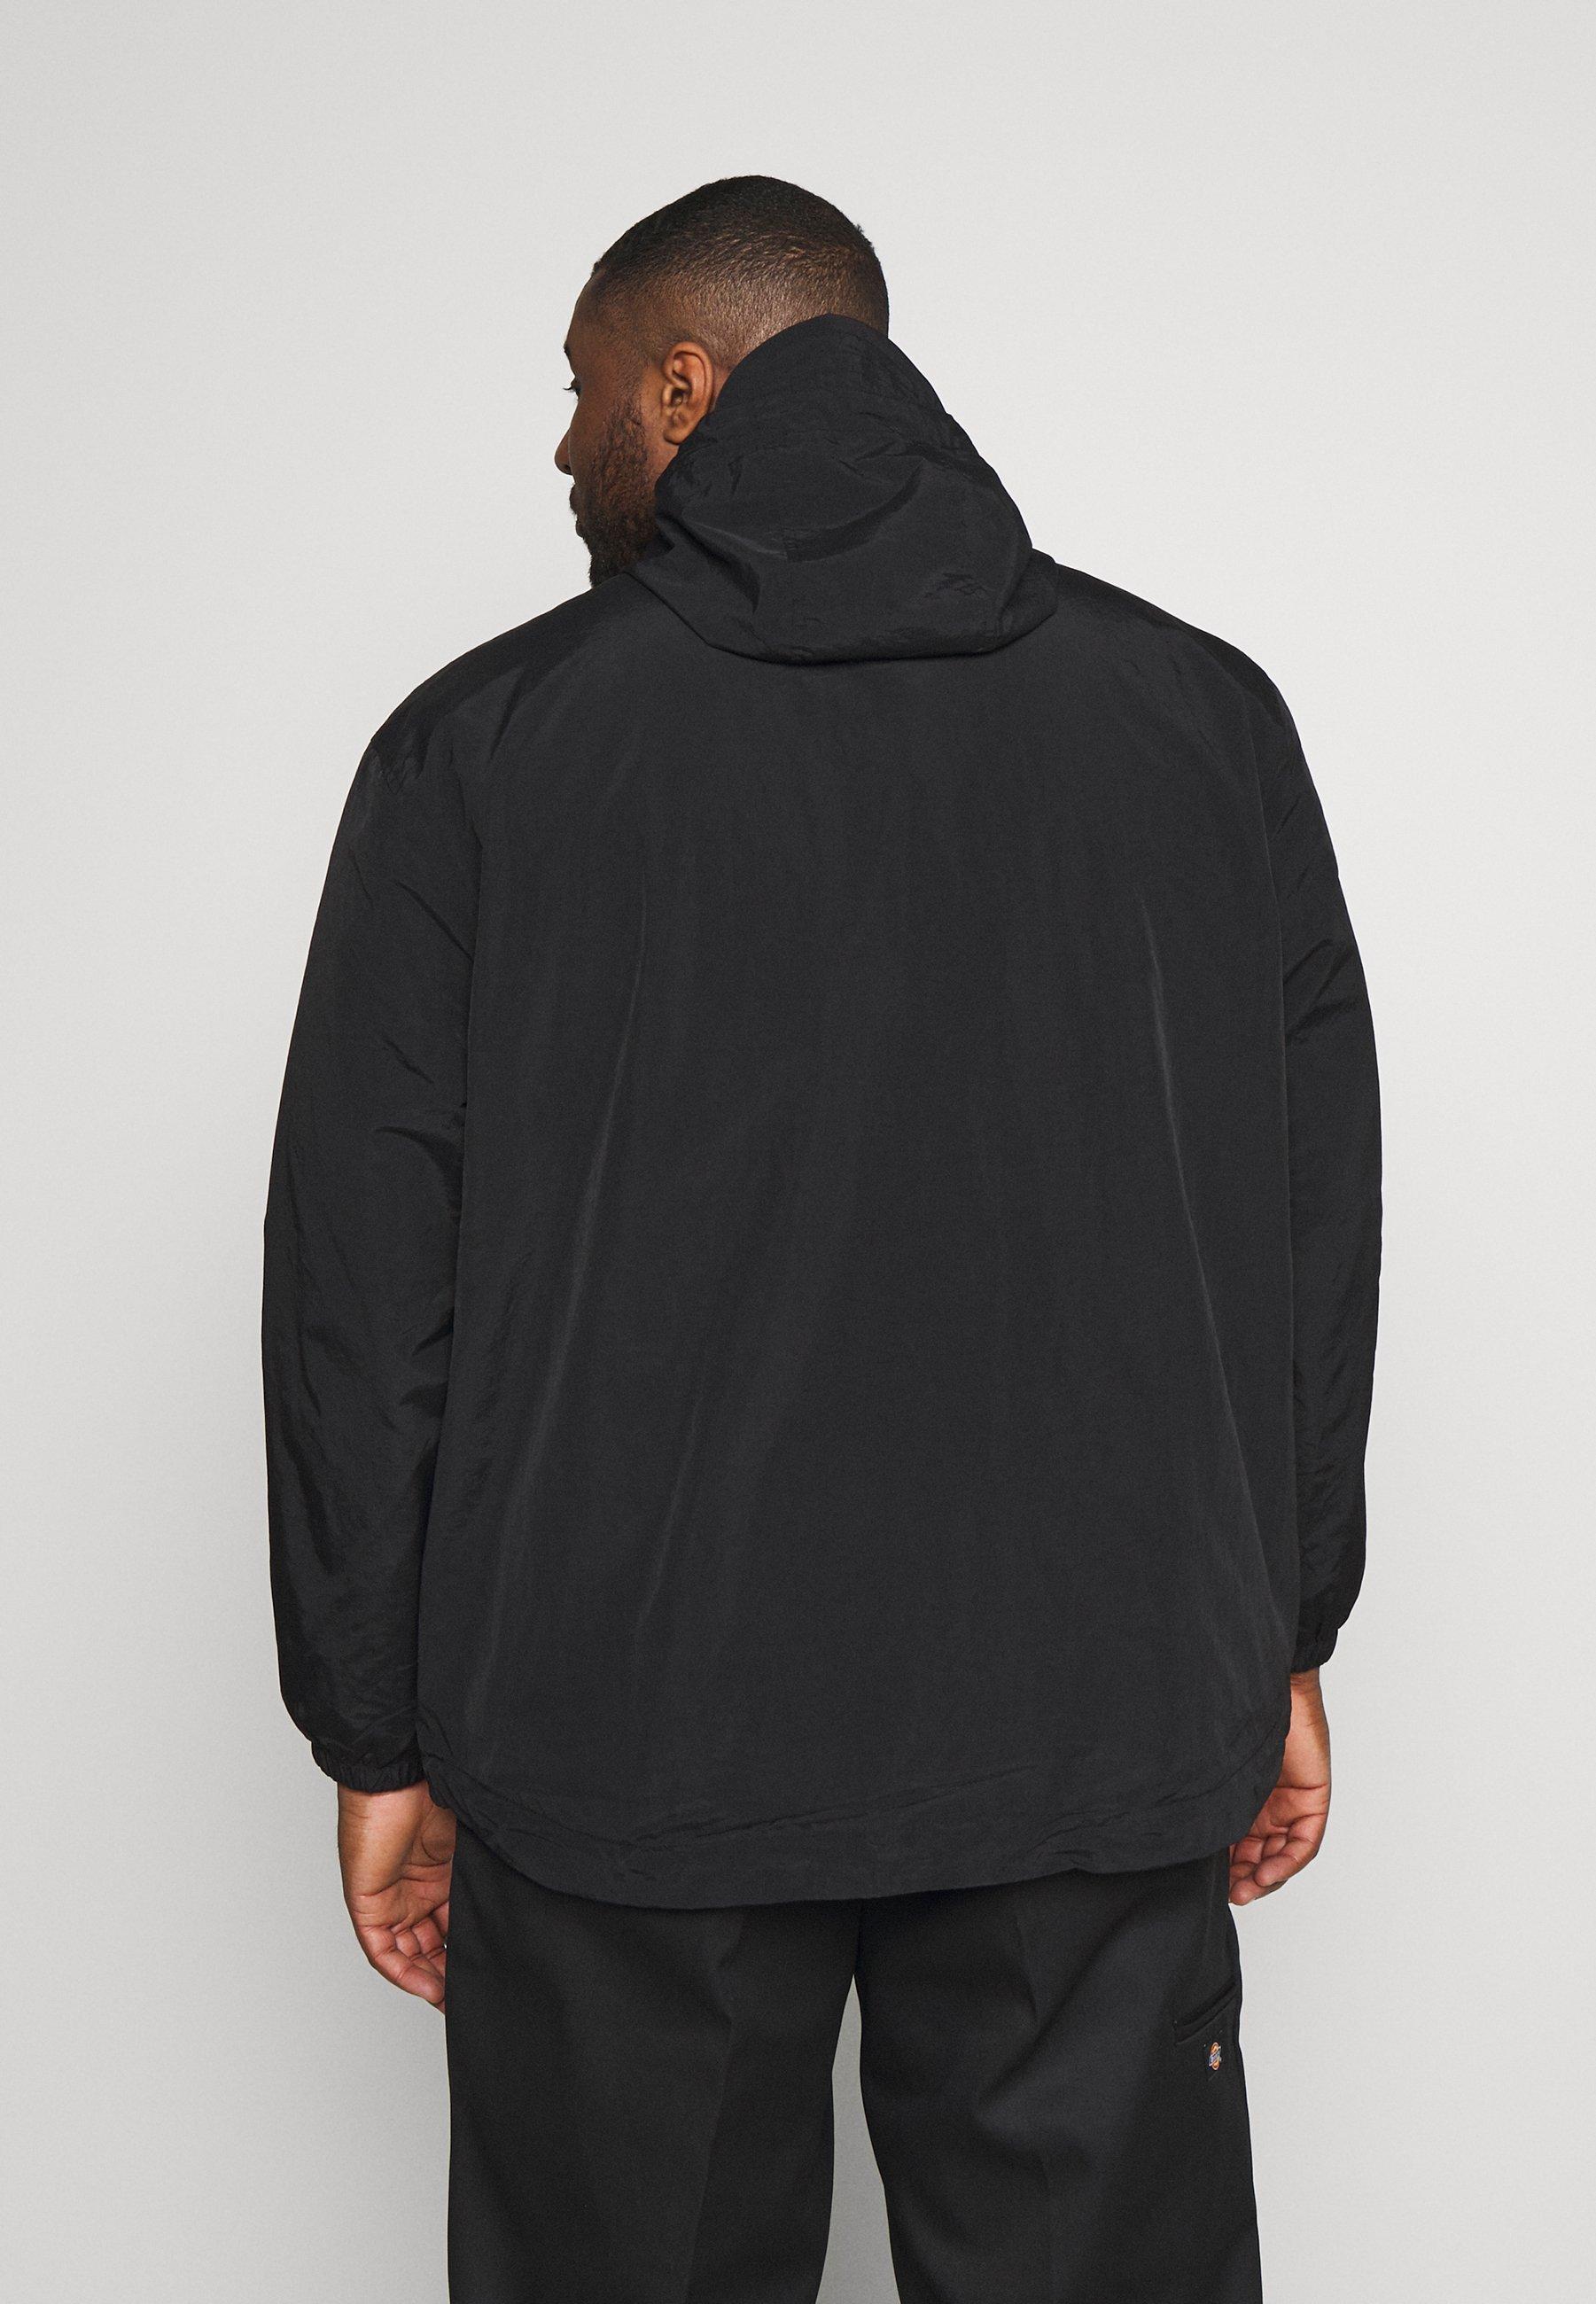 Ostaa Miesten vaatteet Sarja dfKJIUp97454sfGHYHD Lyle & Scott PLUS ZIP THROUGH HOODED JACKET Kevyt takki black